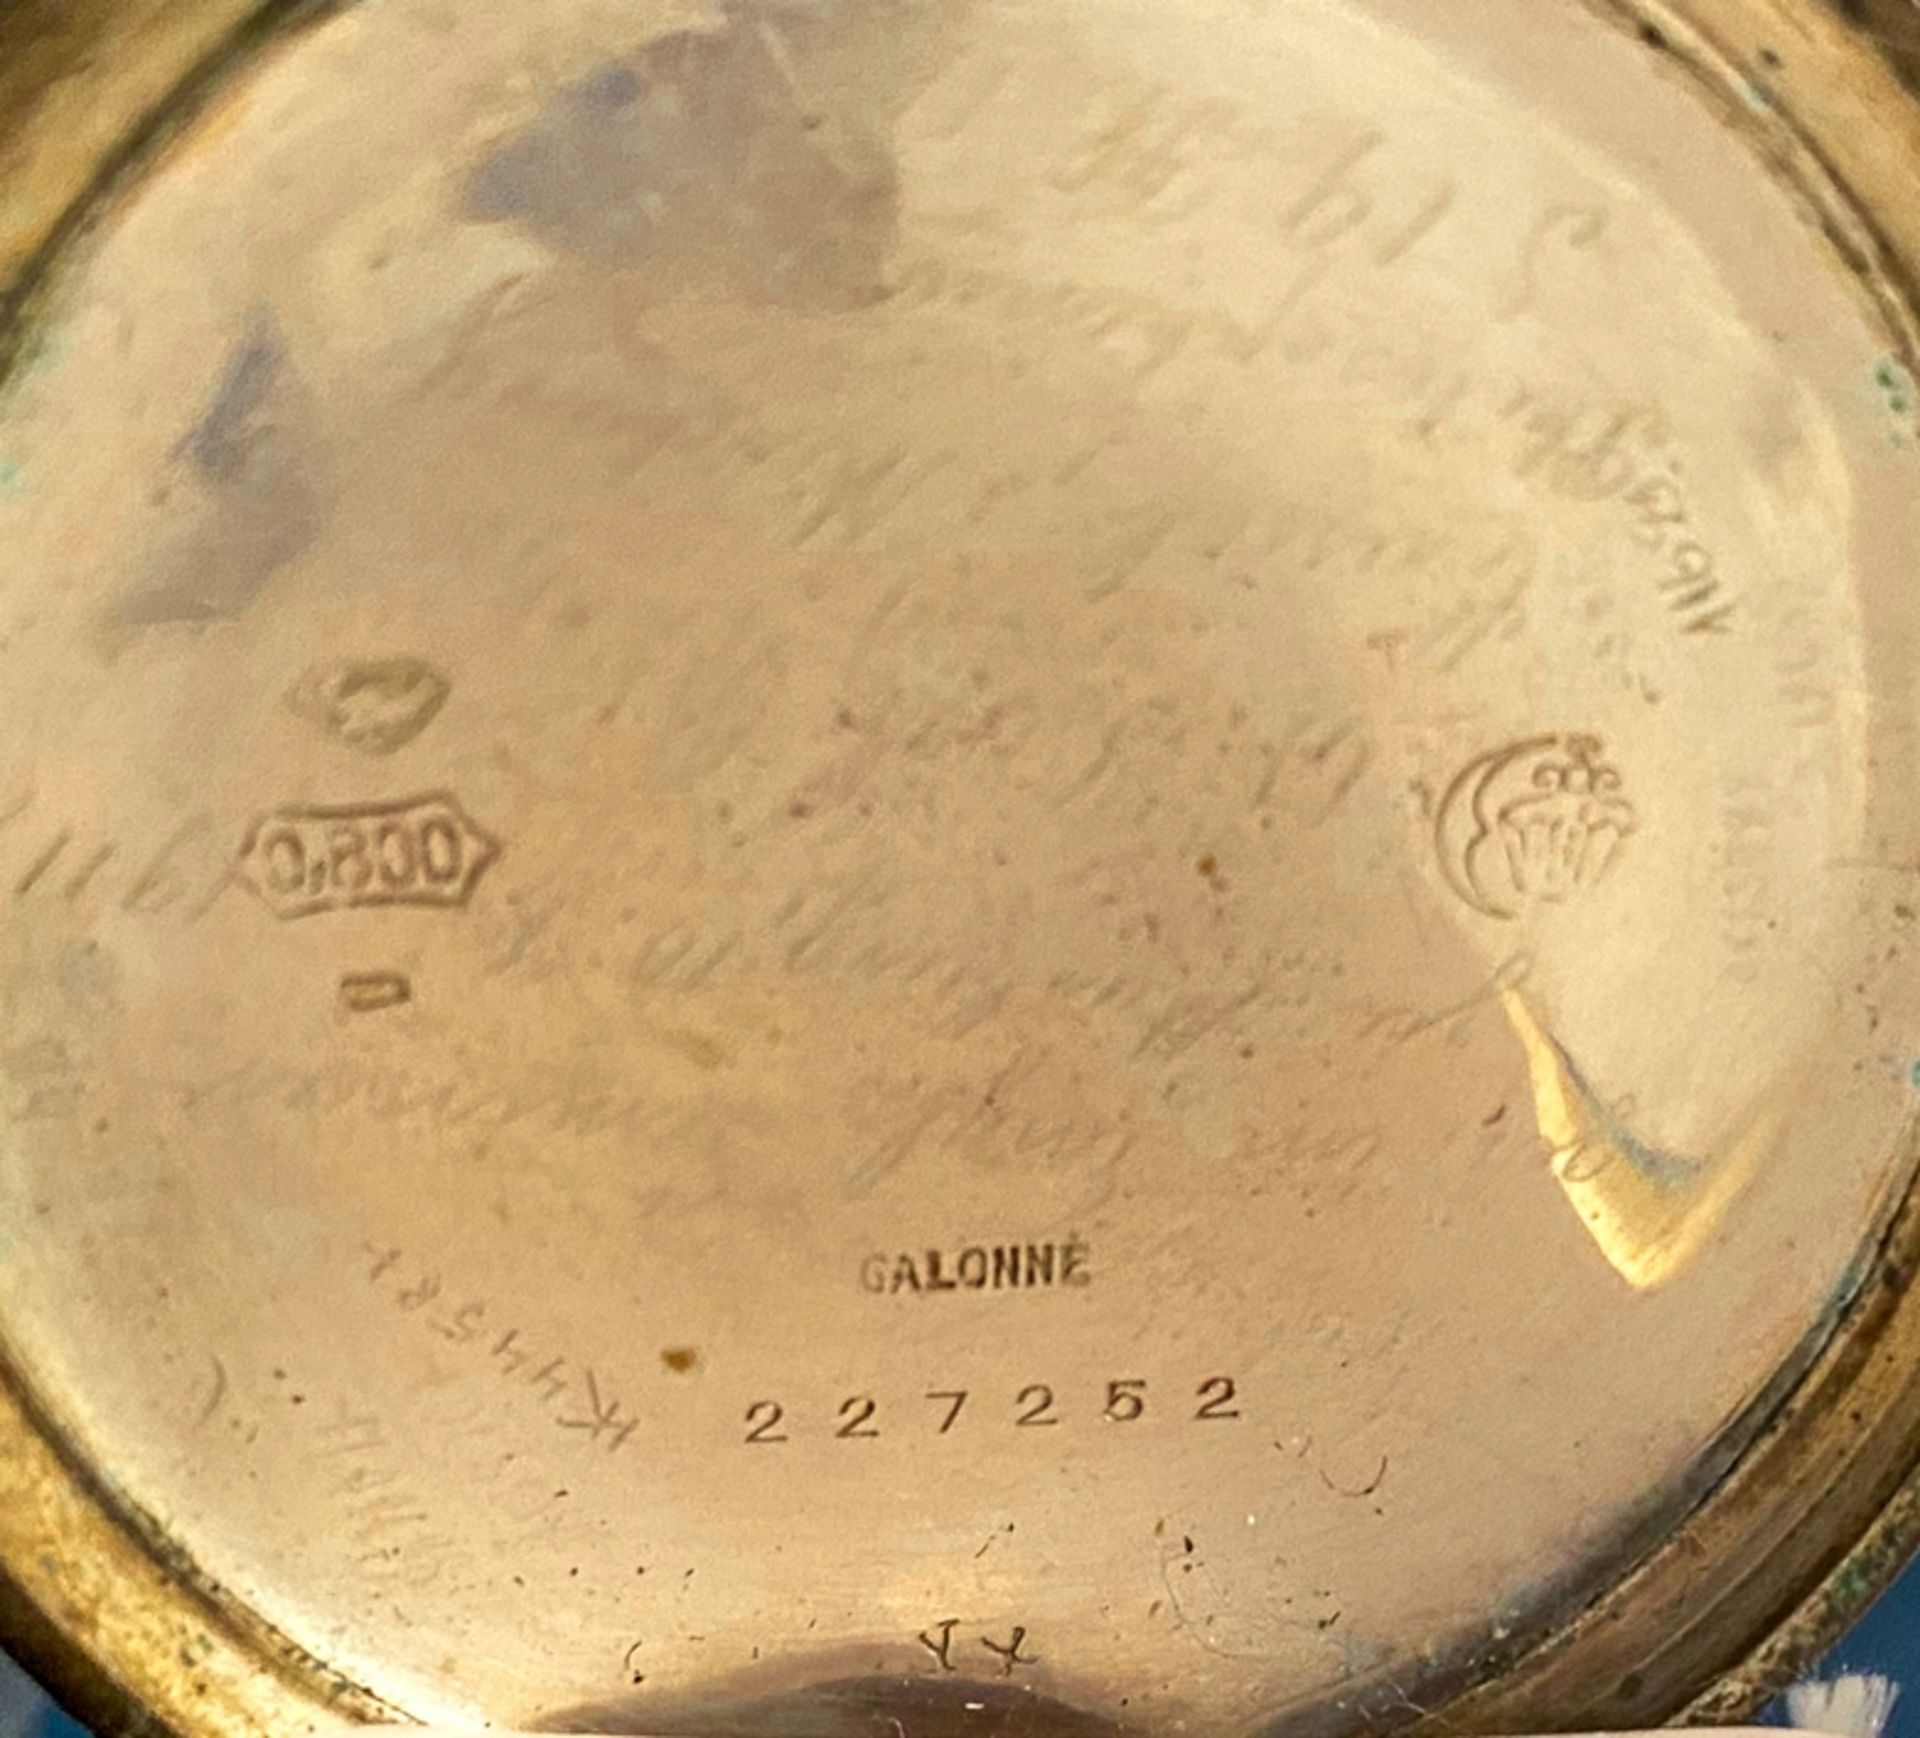 Silberne Taschenuhr an Uhrenkette (Länge ca. 27 cm), beides 800er Silber, ungeprüft (Durchmesser der - Bild 4 aus 7